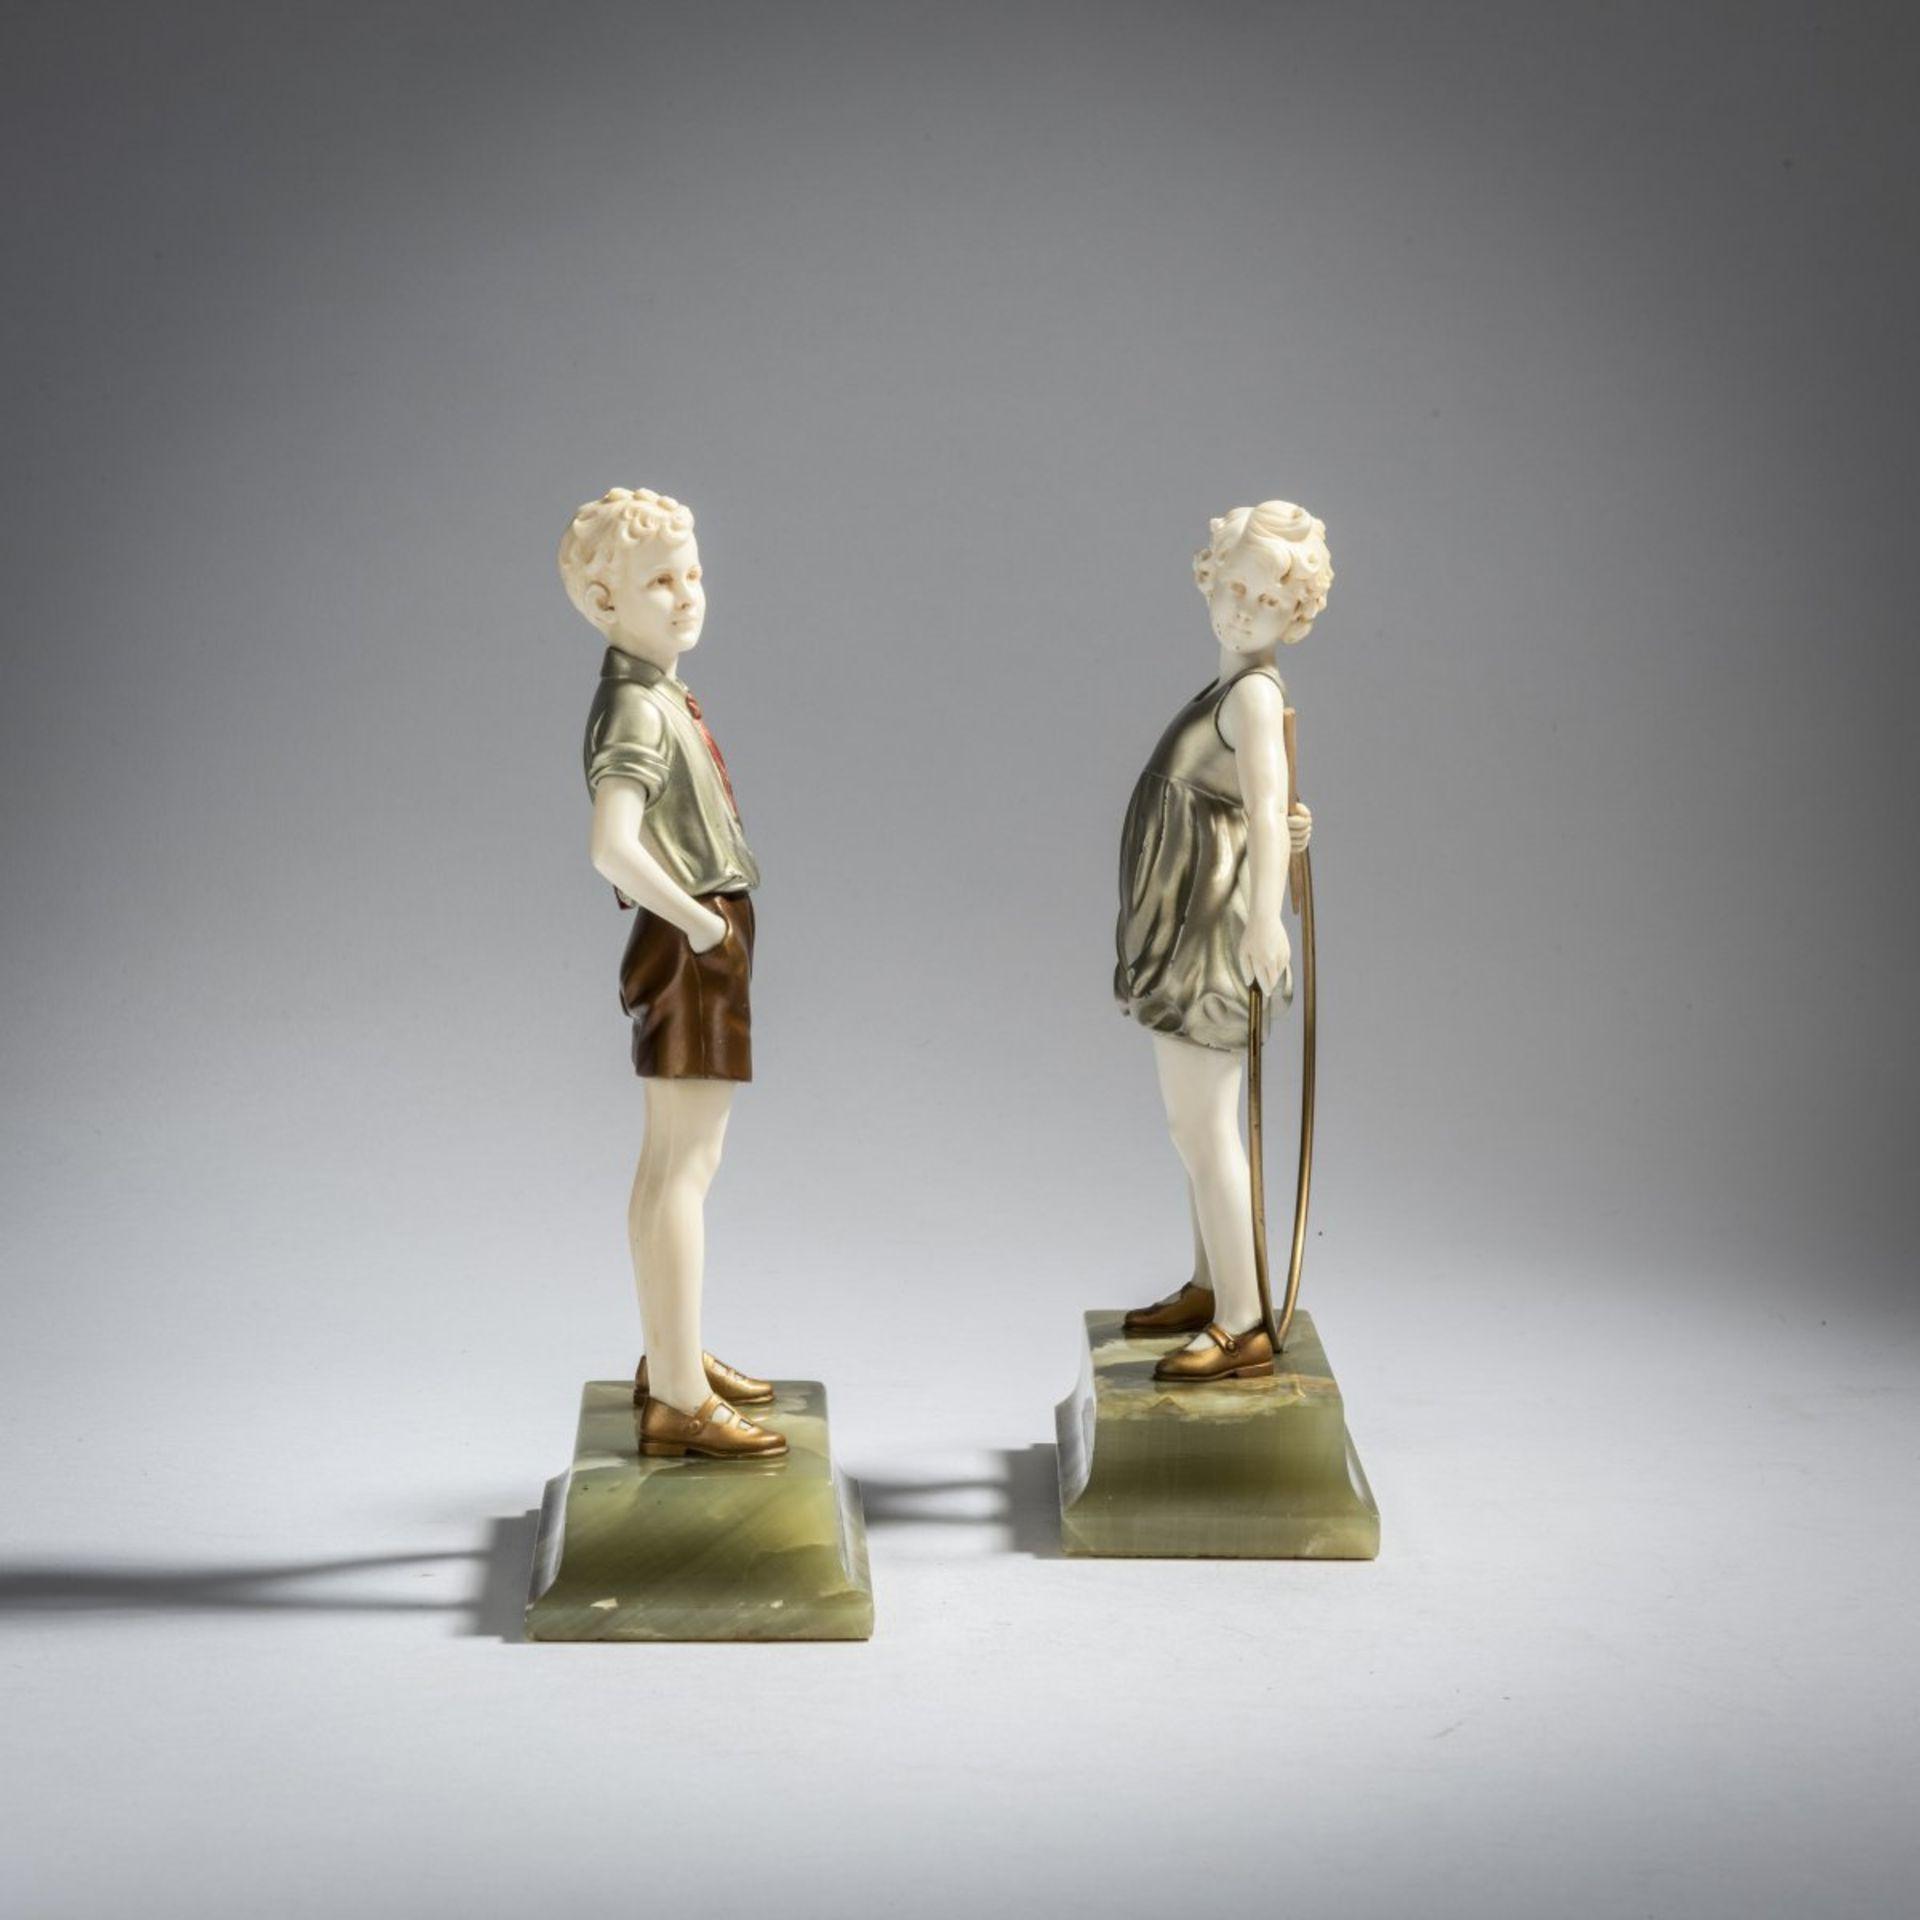 Ferdinand Preiss, 'Hoop Girl' und 'Sonny Boy', um 1930 - Bild 2 aus 5